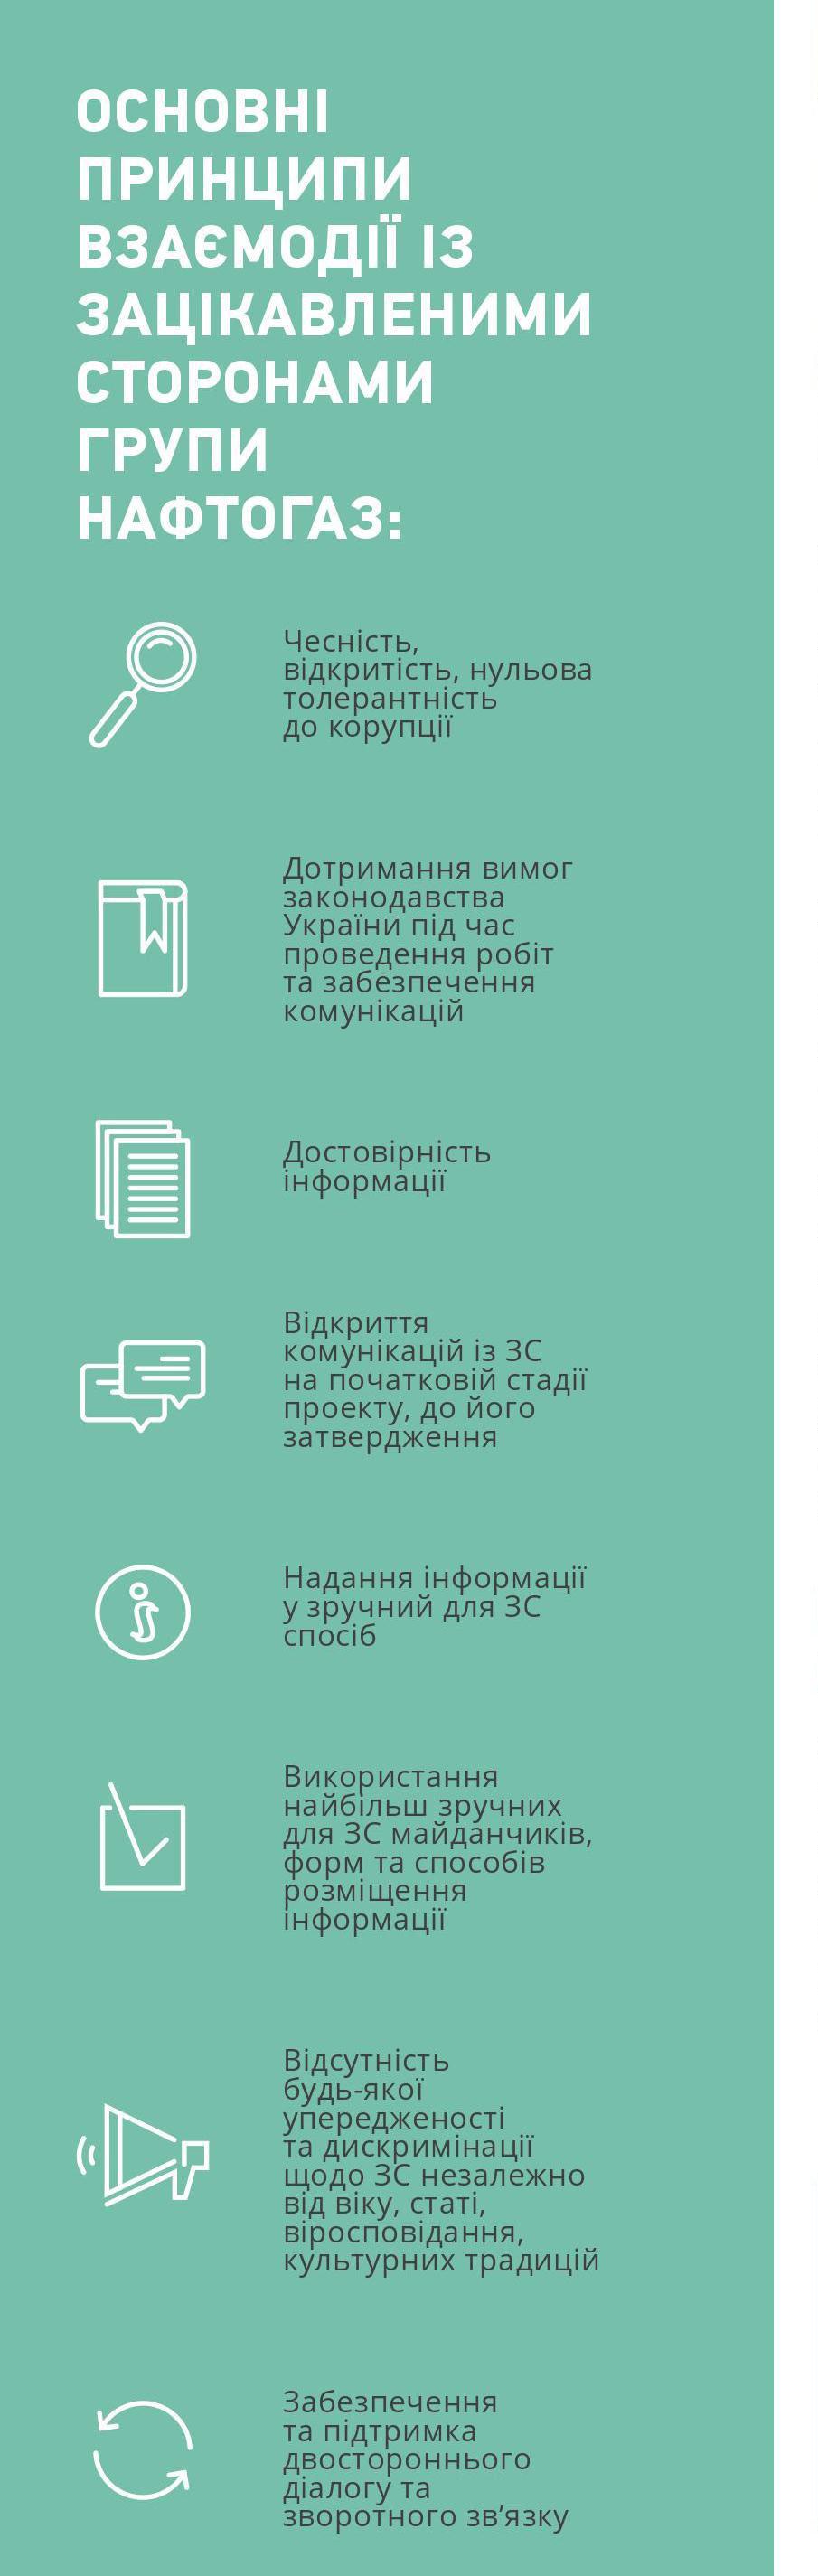 Основні принципи взаємодії із зацікавленими сторонами групи Нафтогаз